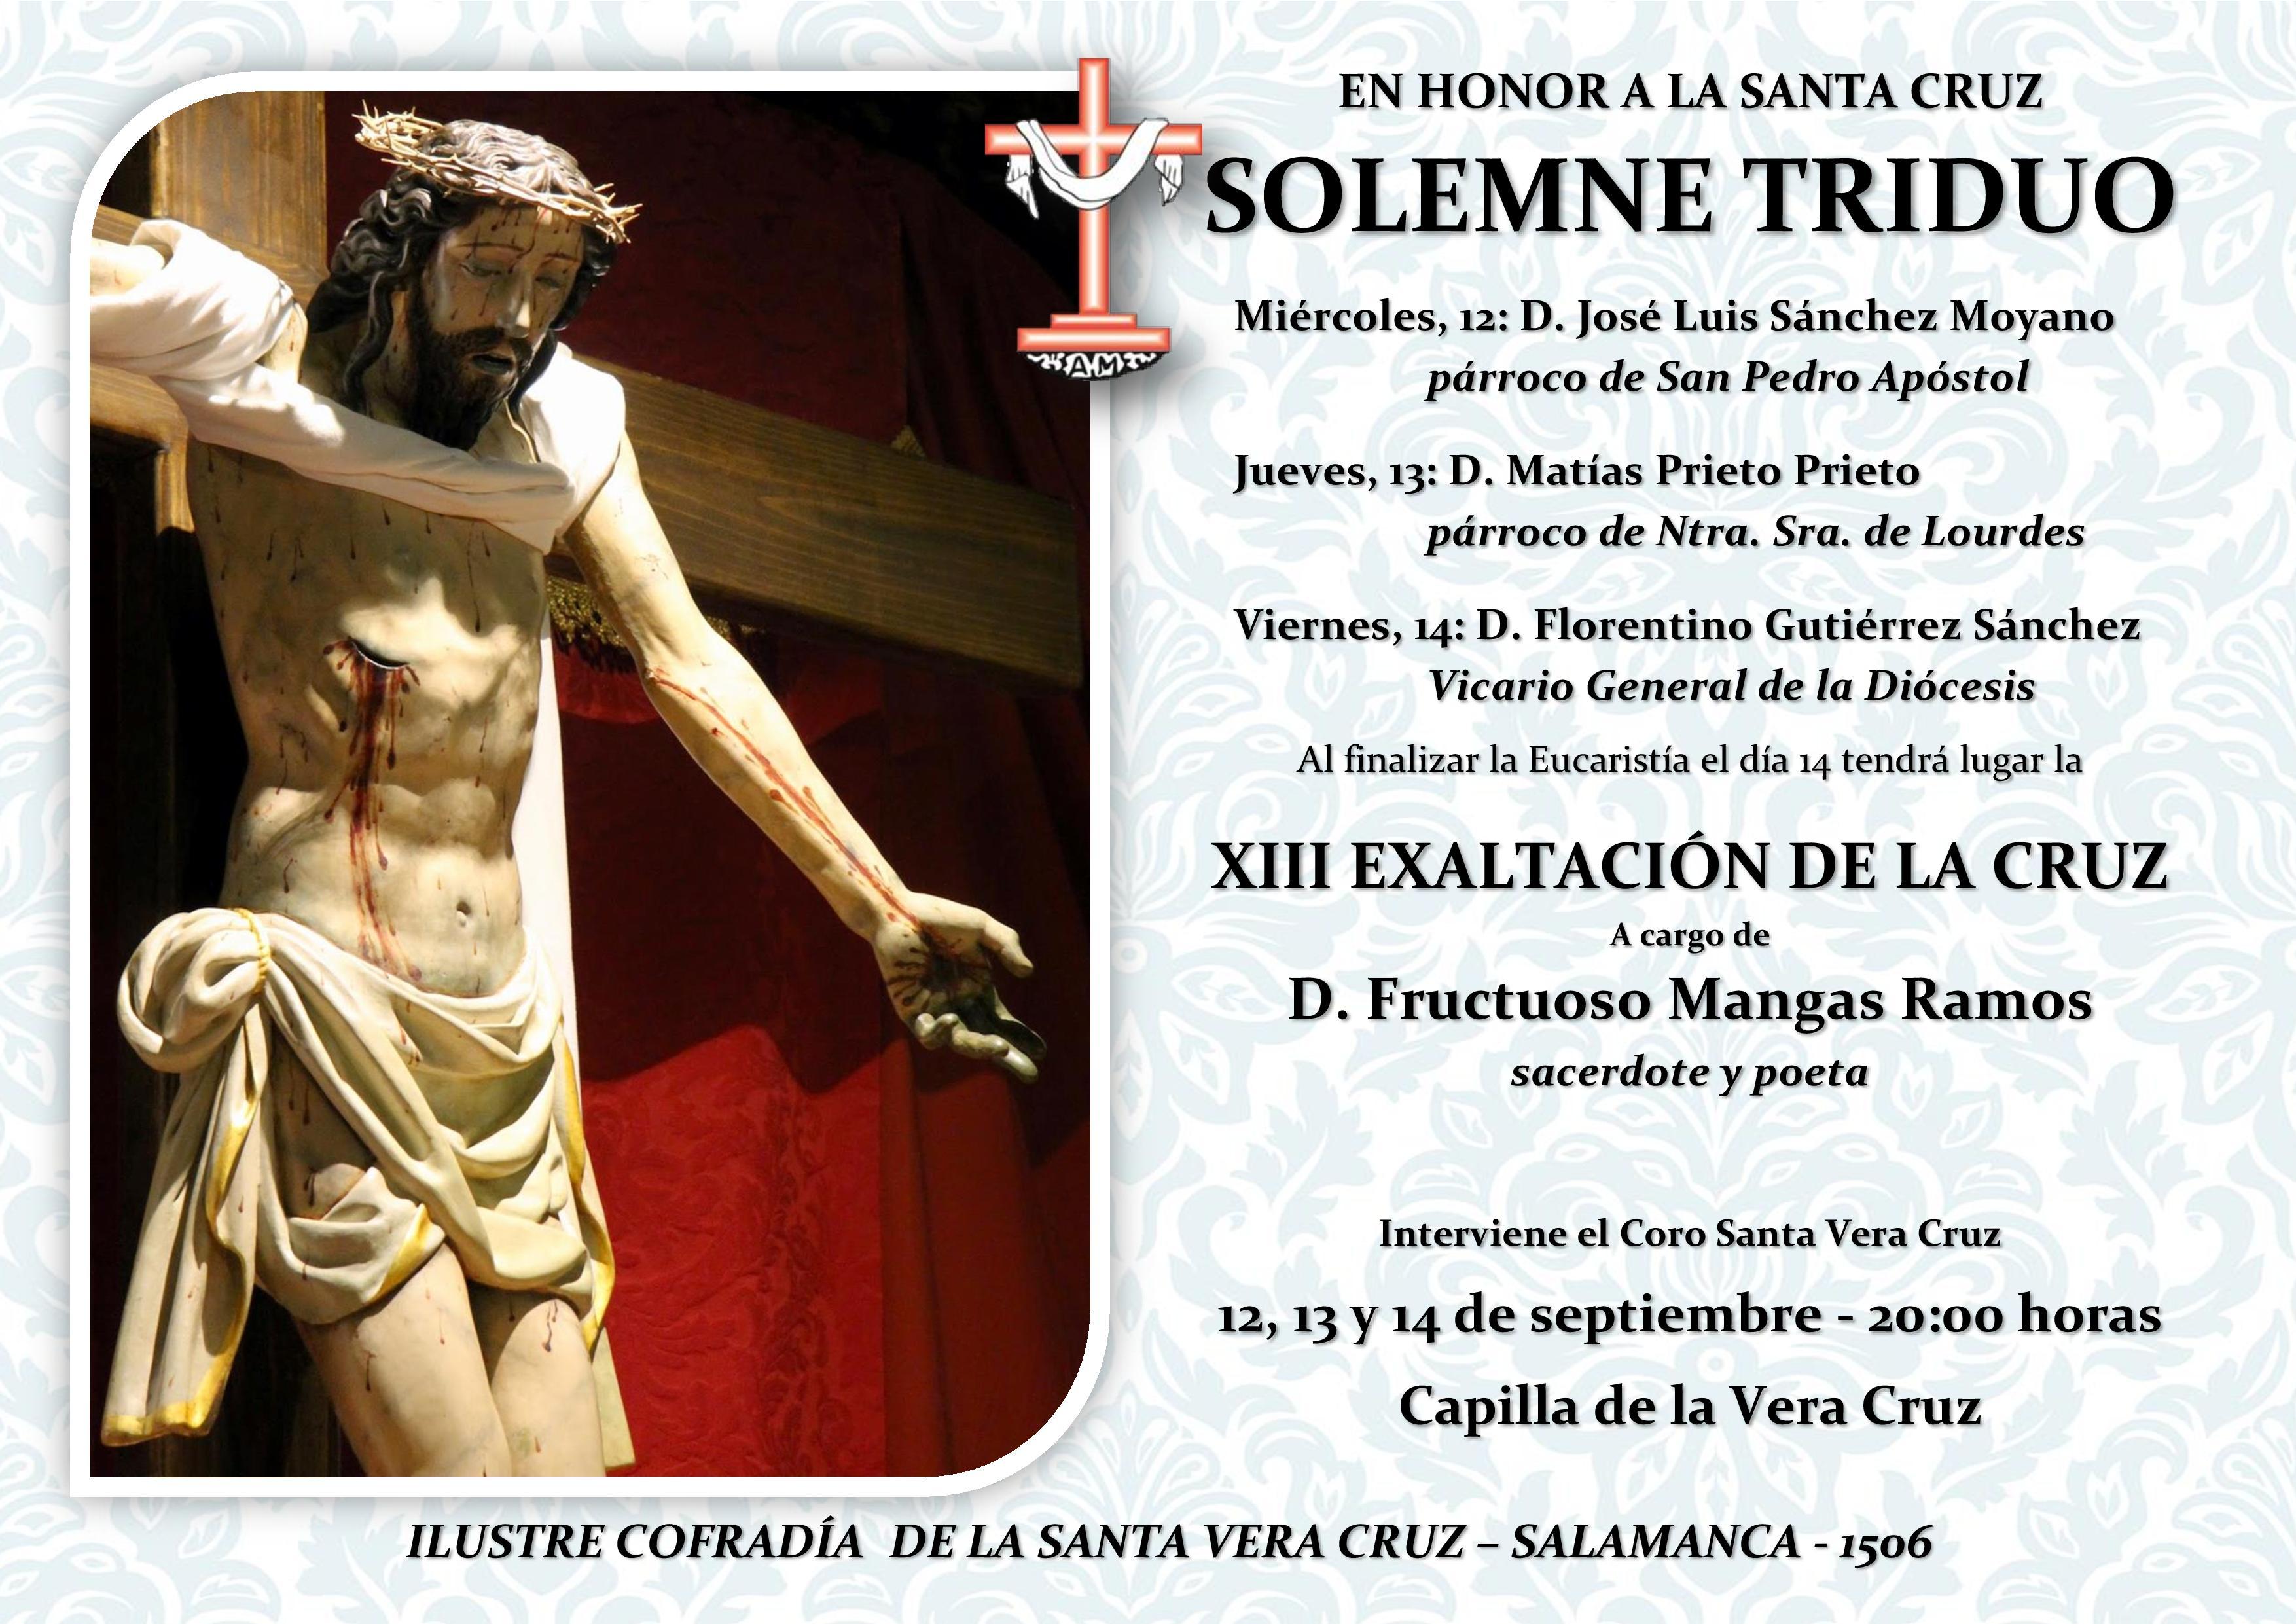 XIII EXALTACIÓN DE LA CRUZ